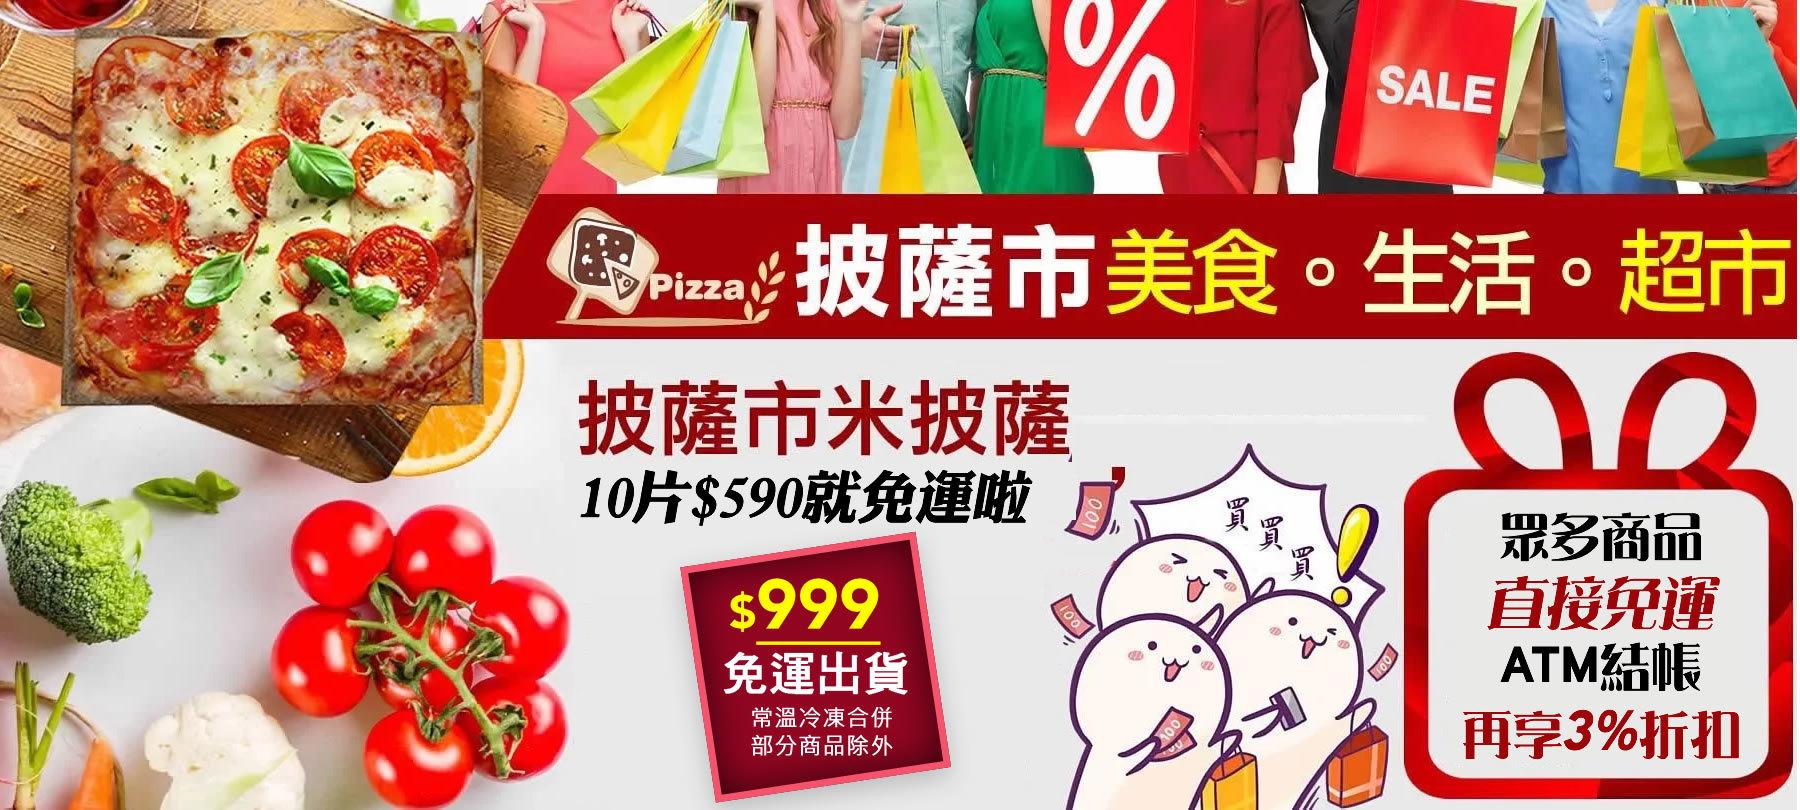 披薩市米披薩網路超市大團購網